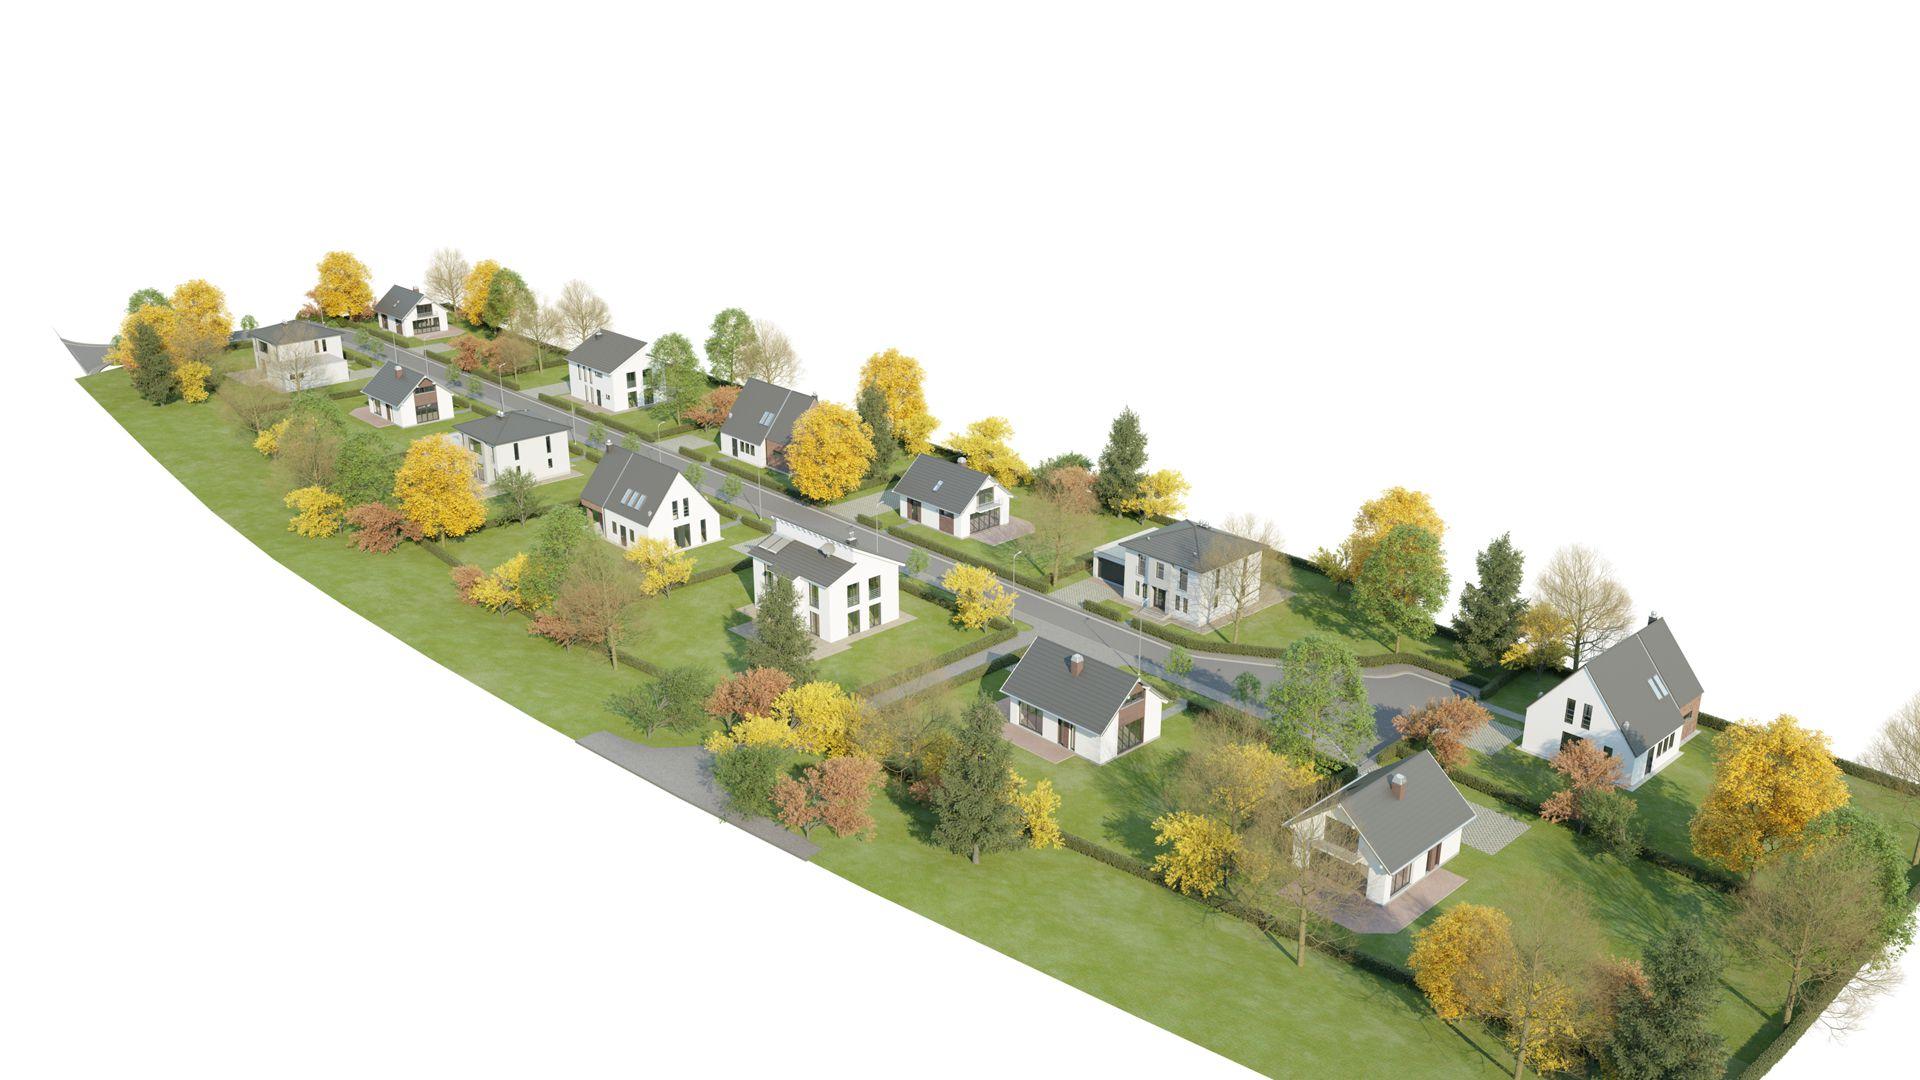 3D Visualisierung Berlin Werneuchen Seefeld Wohnsiedlung